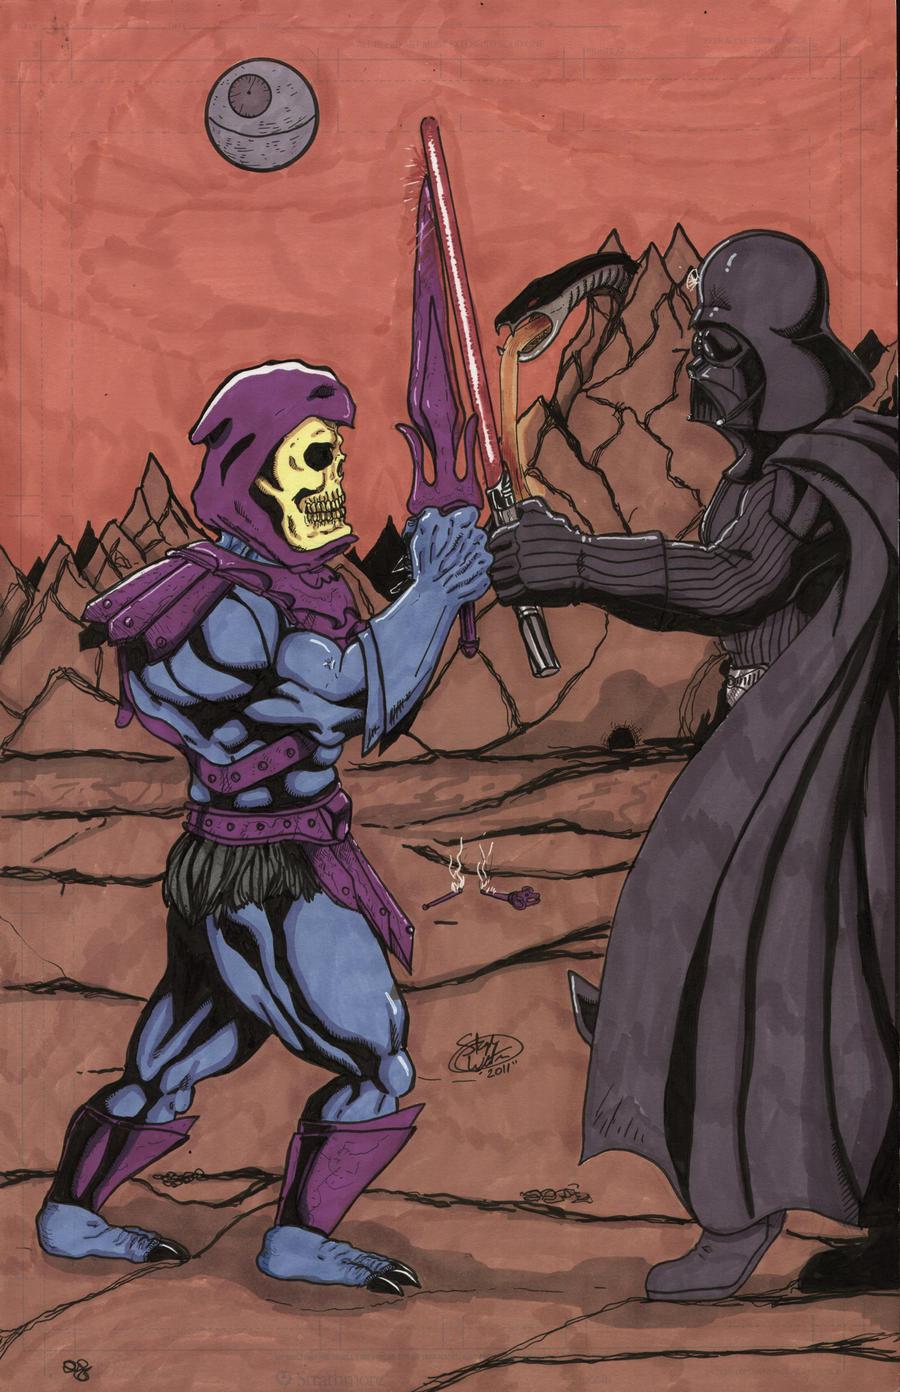 skeletor vs darth vader by MonsterIslandStudios on DeviantArt